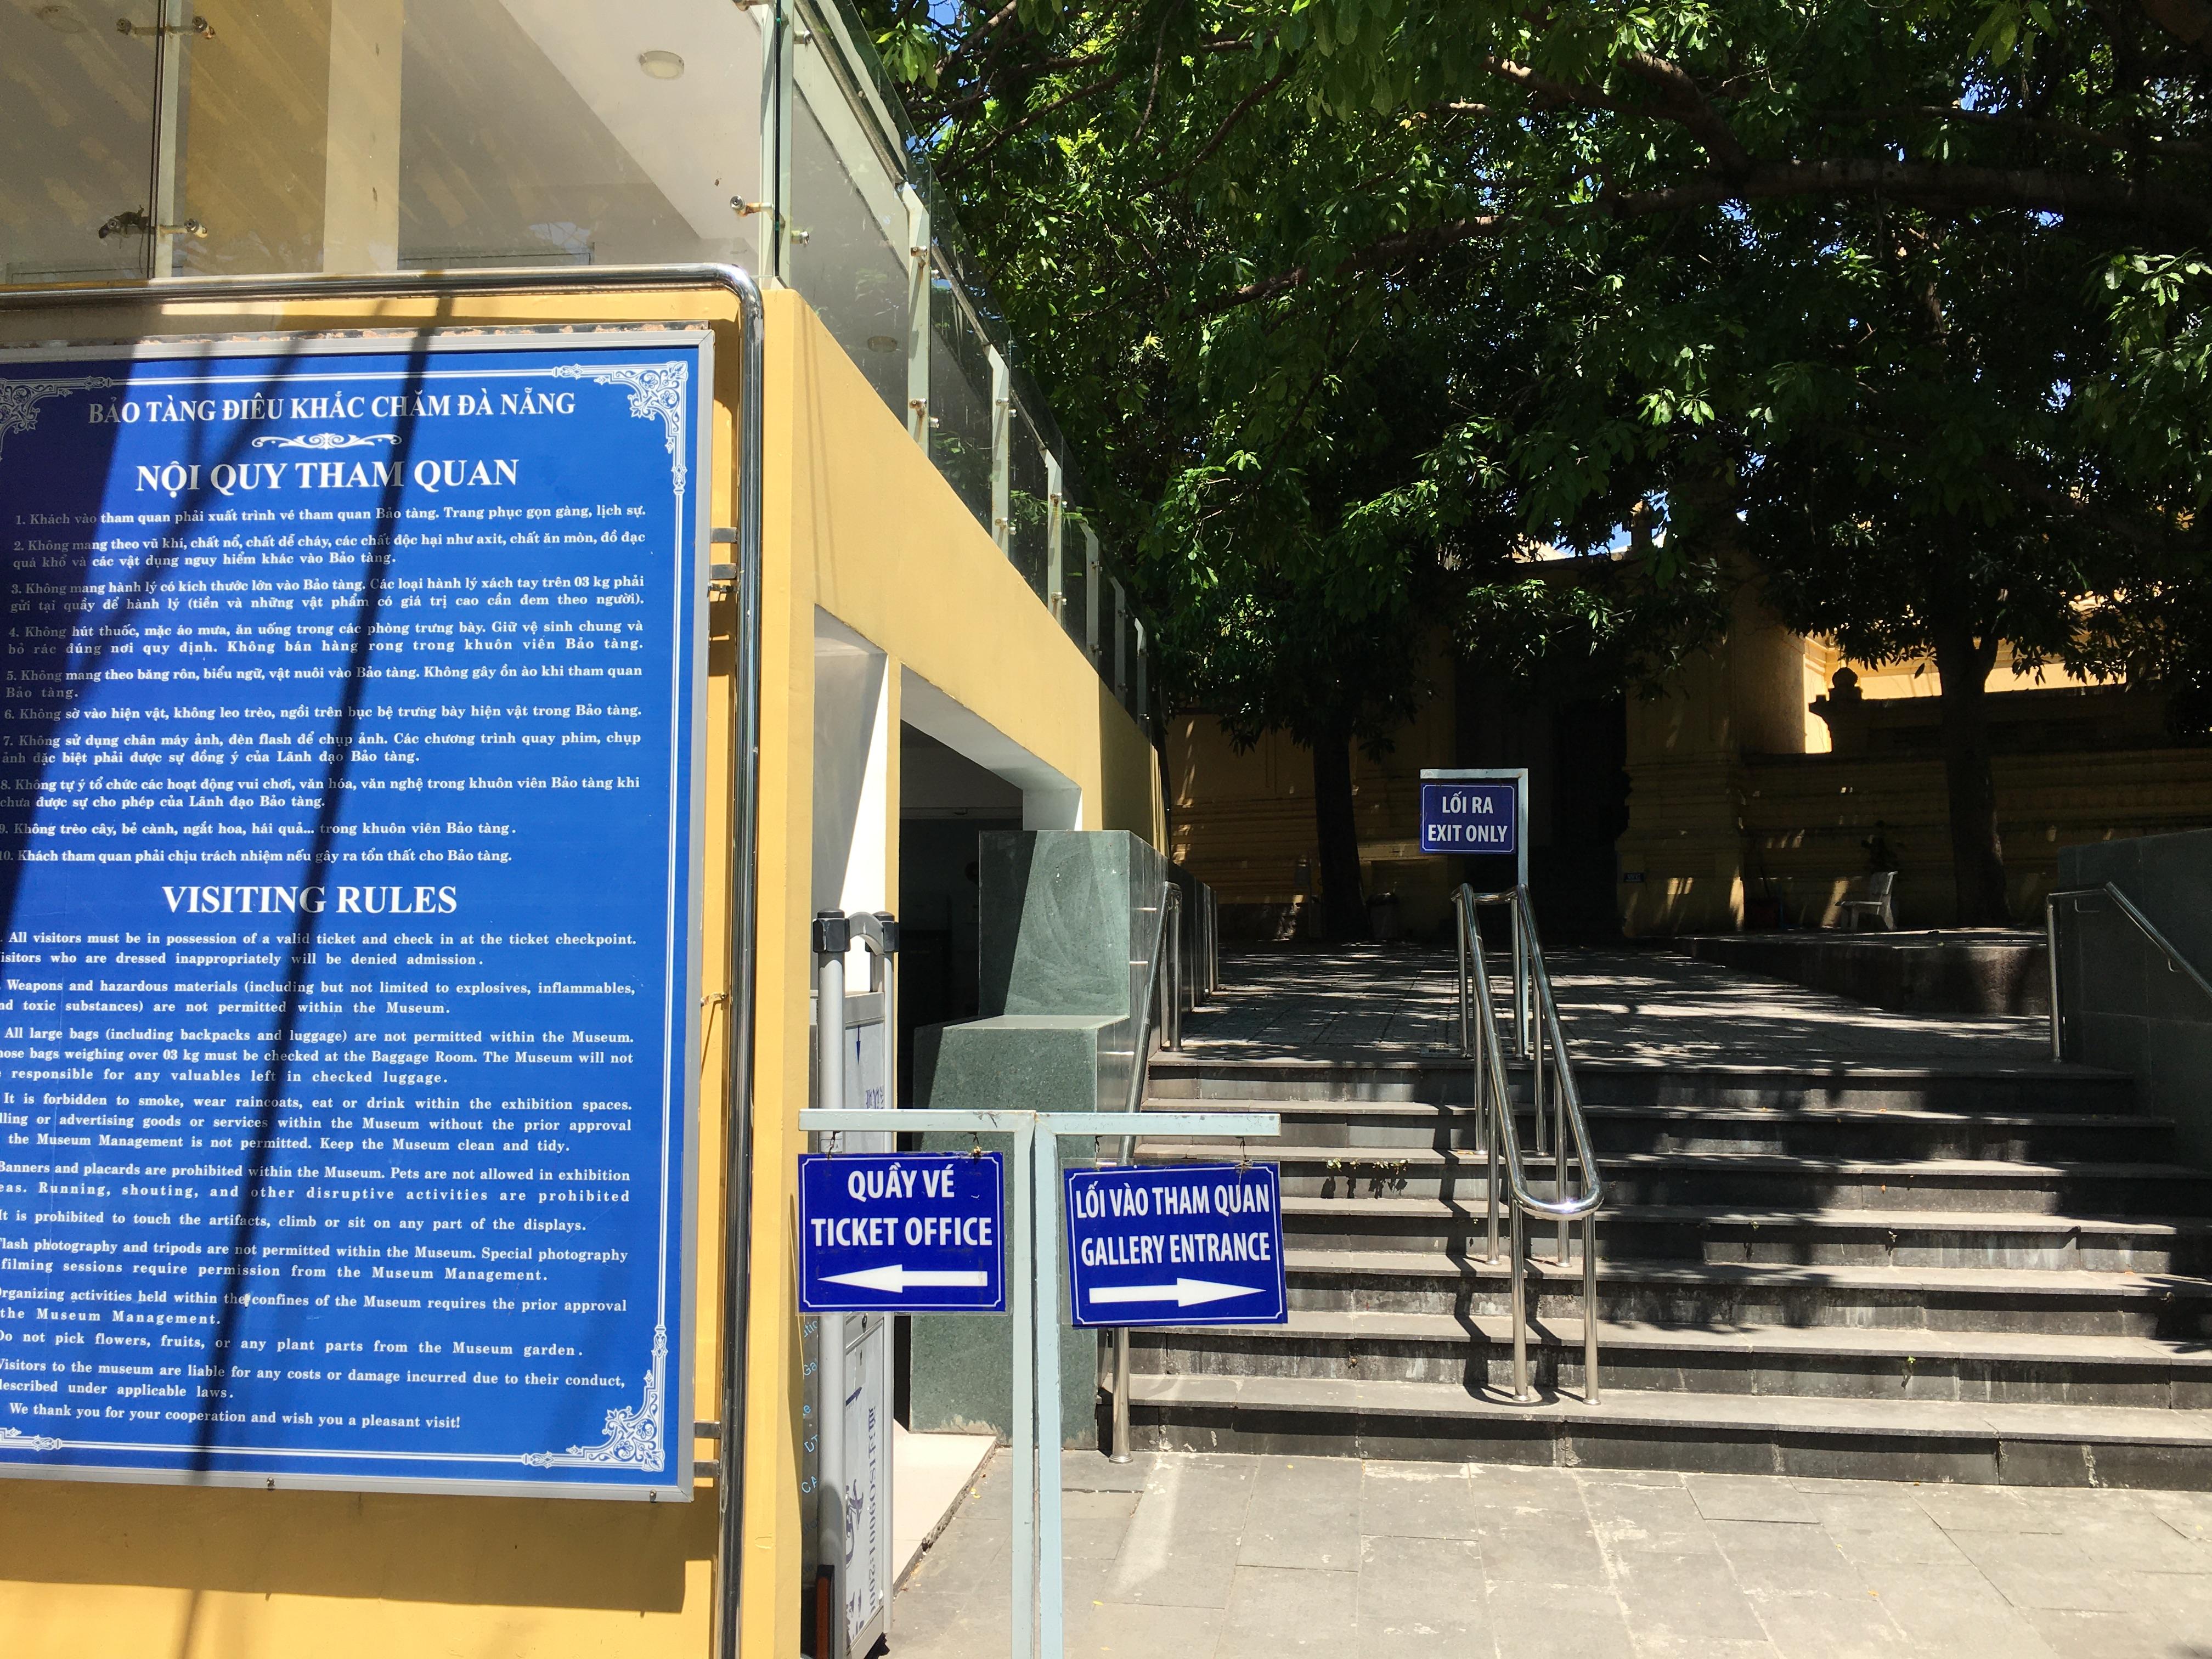 Các điểm du lịch trầm lắng trong ngày đầu Đà Nẵng miễn phí tham quan - Ảnh 2.